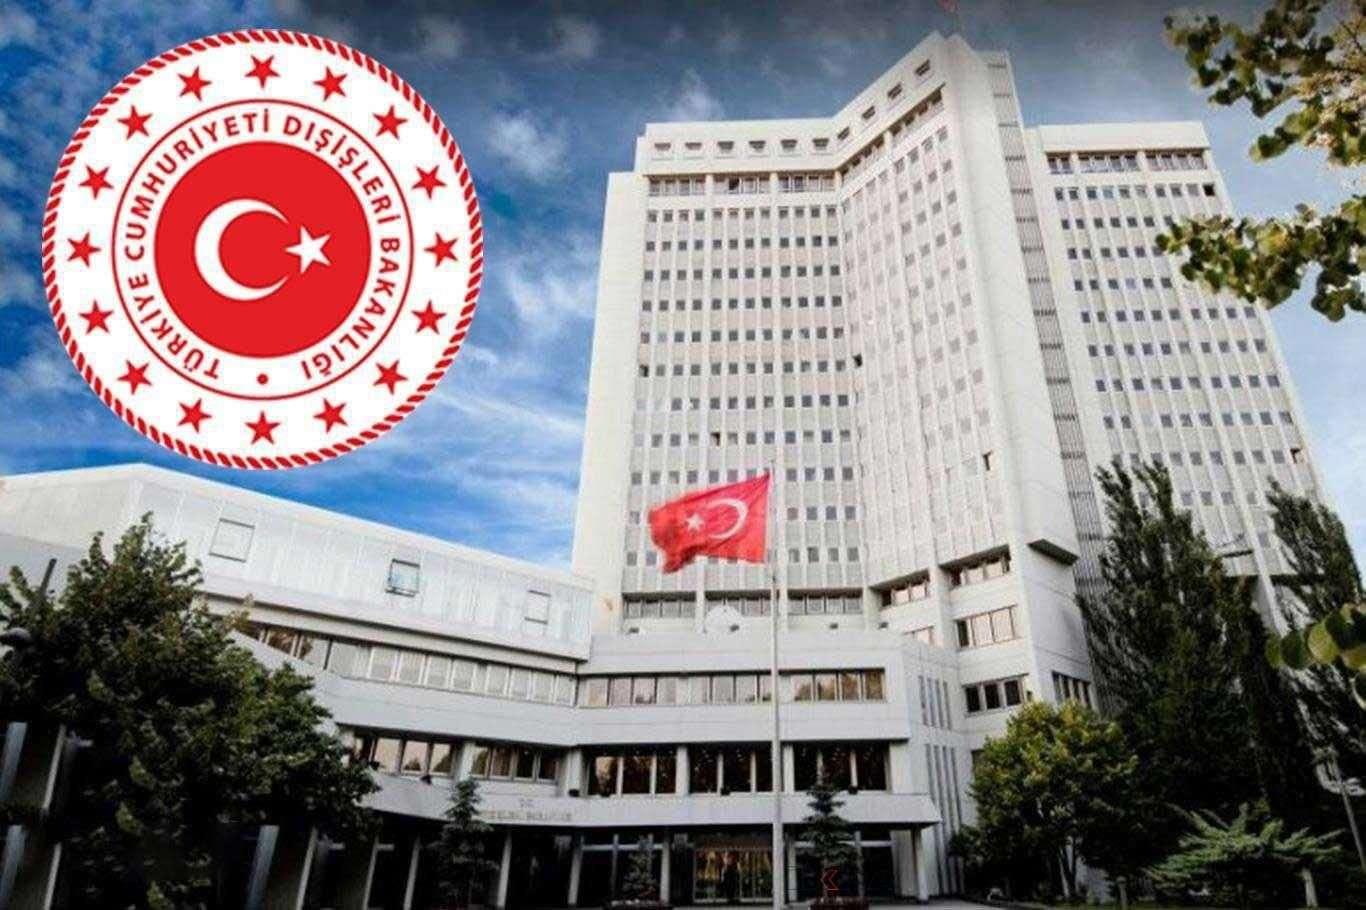 Türkiyeden Fransaya ifade özgürlüğü tepkisi